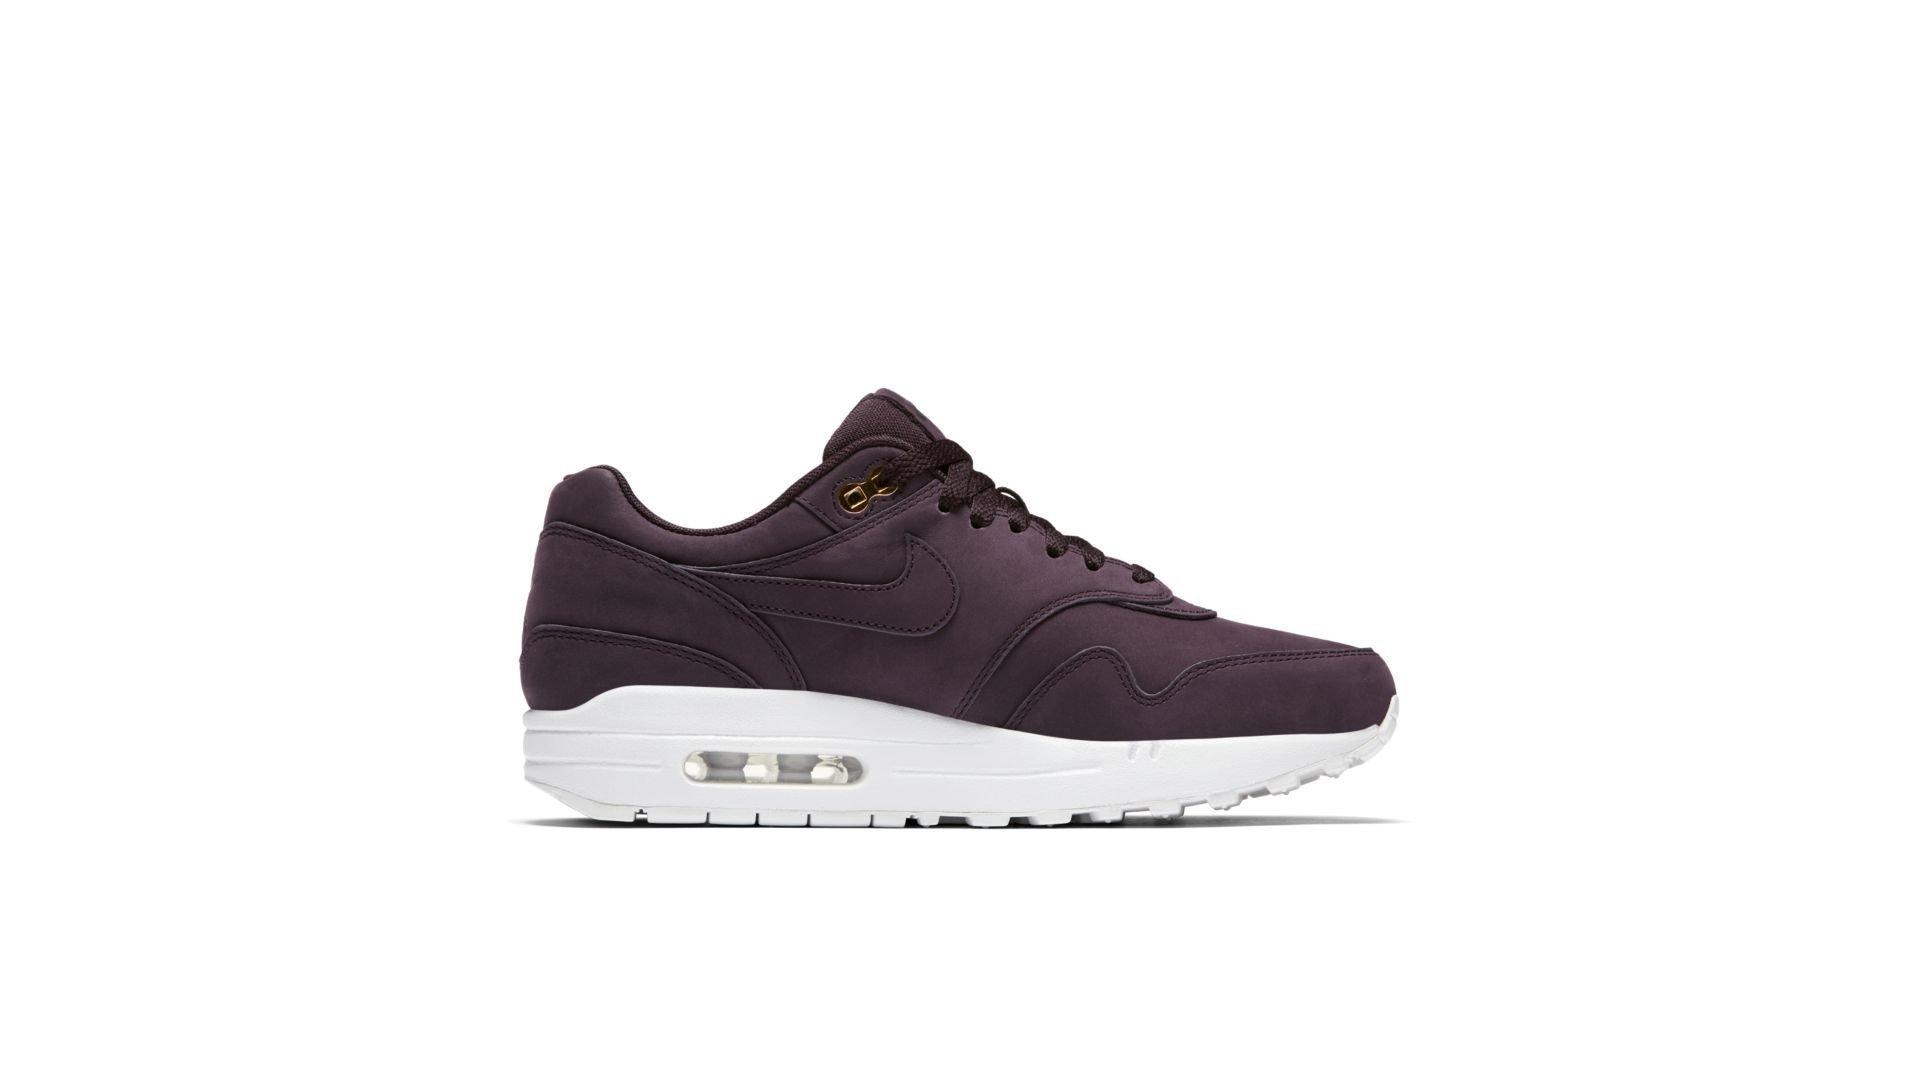 """Nike Air Max 1 Premium """"Nubuck Port"""" (454746-602)"""